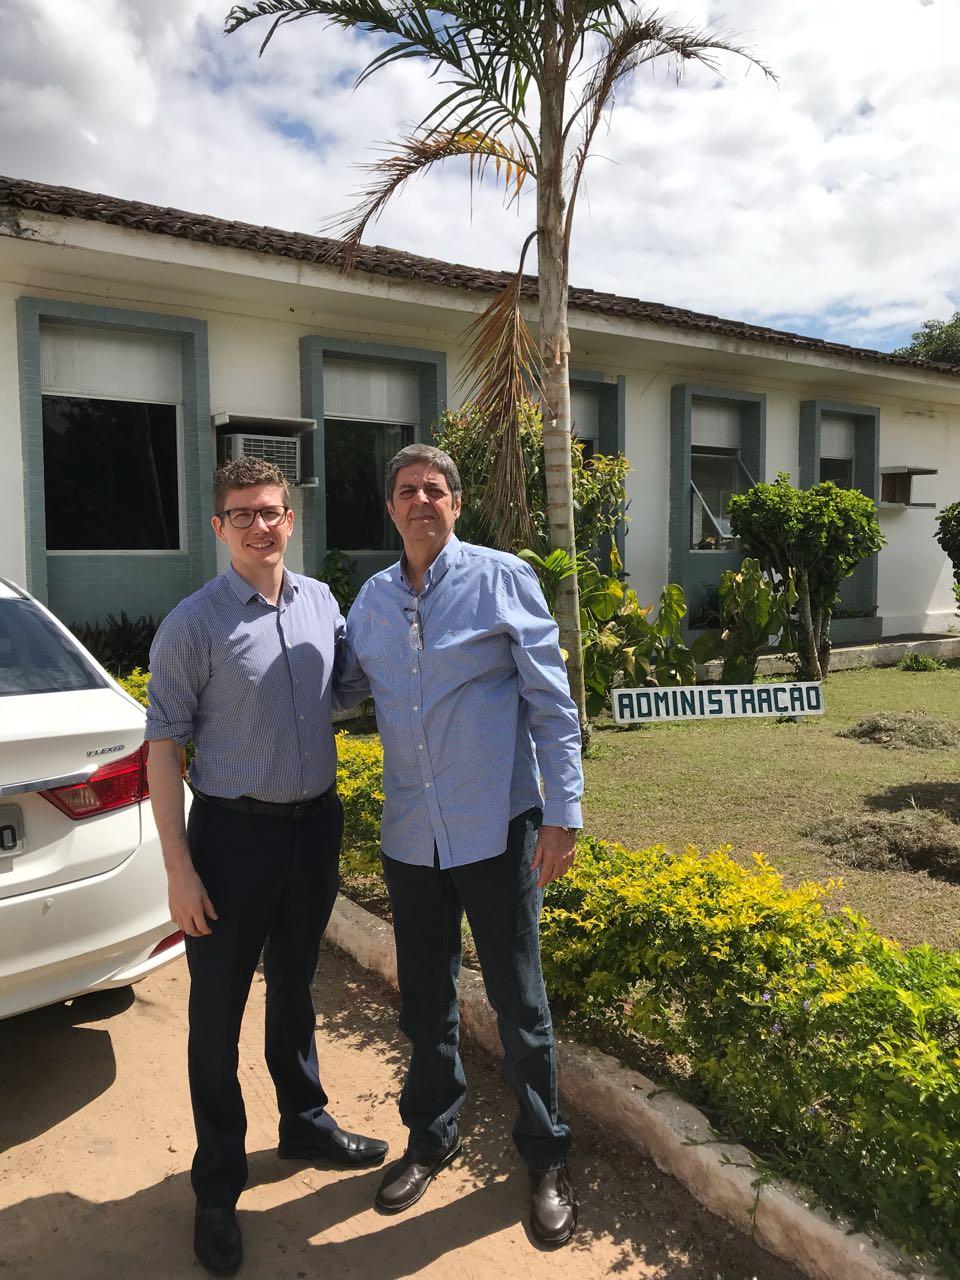 Na Estação de Cana-de-Açúcar do Carpina/PE, Renato Cunha, Presidente do SINDAÇÚCAR/PE e Professor em PHD e Gestor da UFRPE, Djalma Euzébio Simões, recebem em visita o Cônsul do Reino Unido, Graham Tidey, dia 27/dezembro/2017